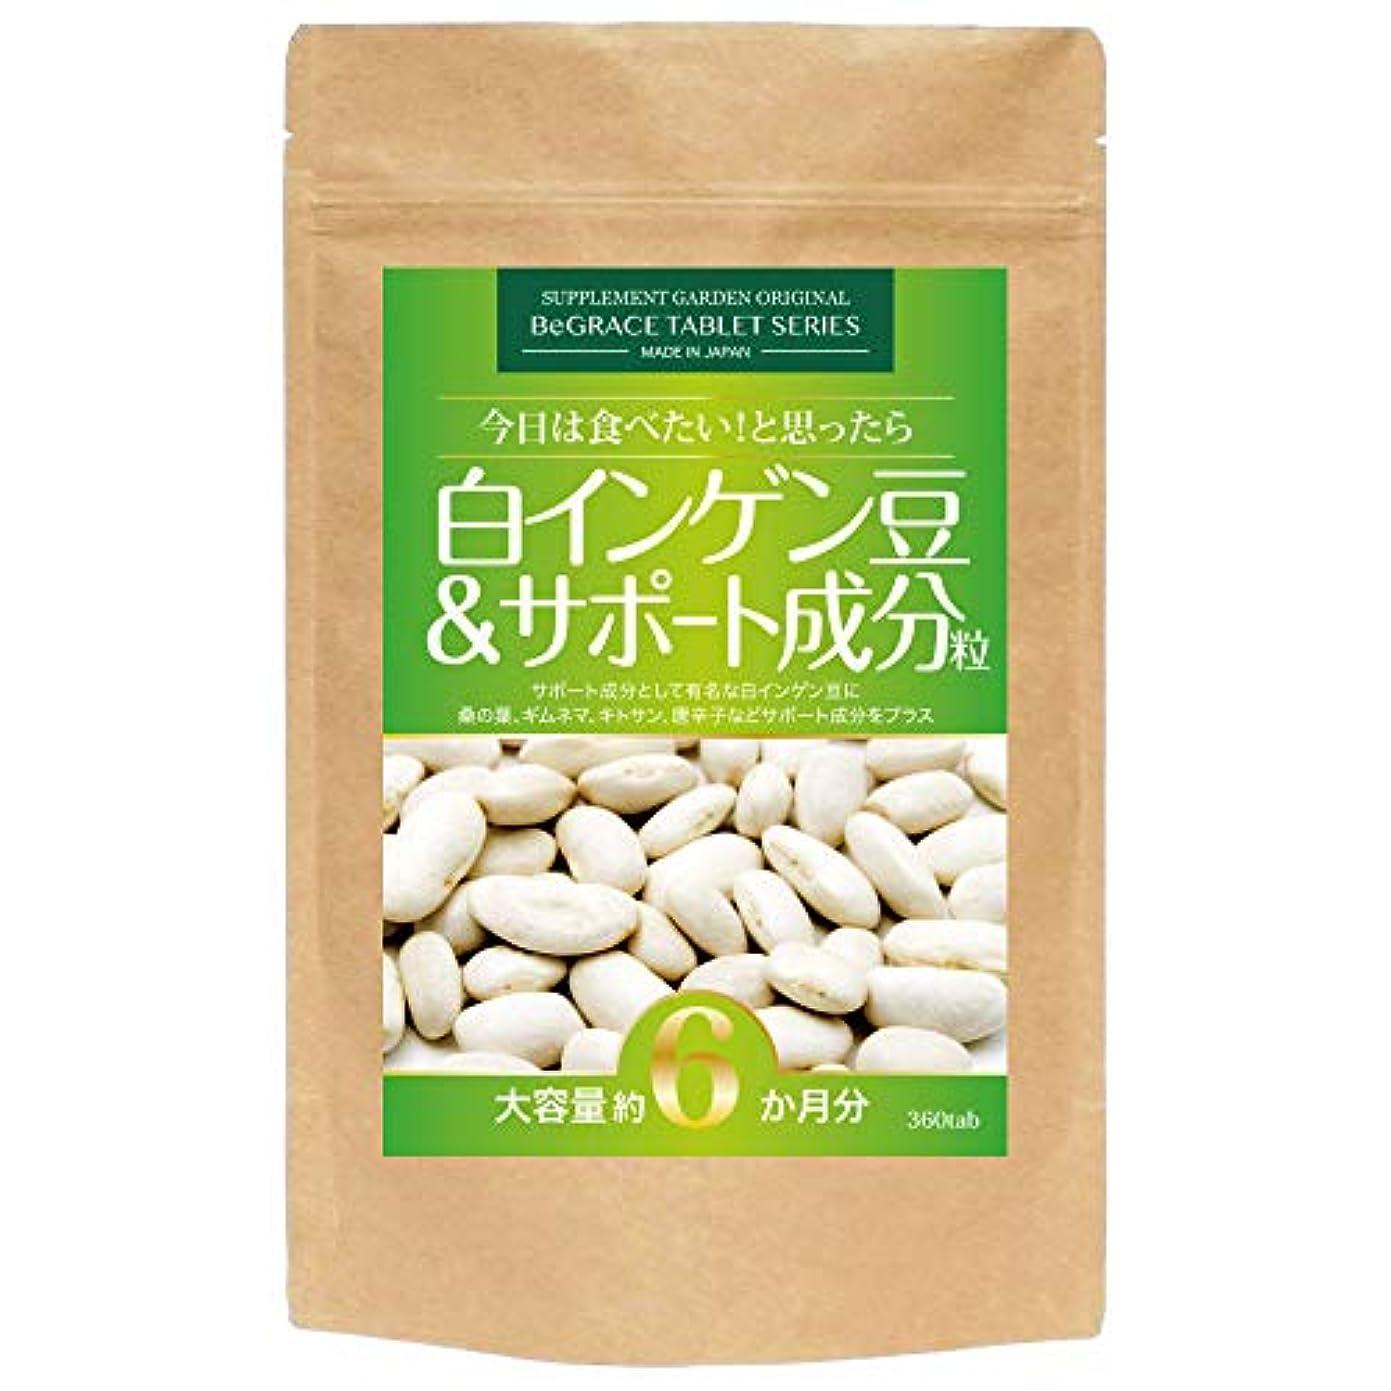 そこつば勝利した白インゲン豆&サポート成分粒 大容量約6ヶ月分/360粒(白インゲン豆?桑の葉?ギムネマ?キトサン?唐辛子)